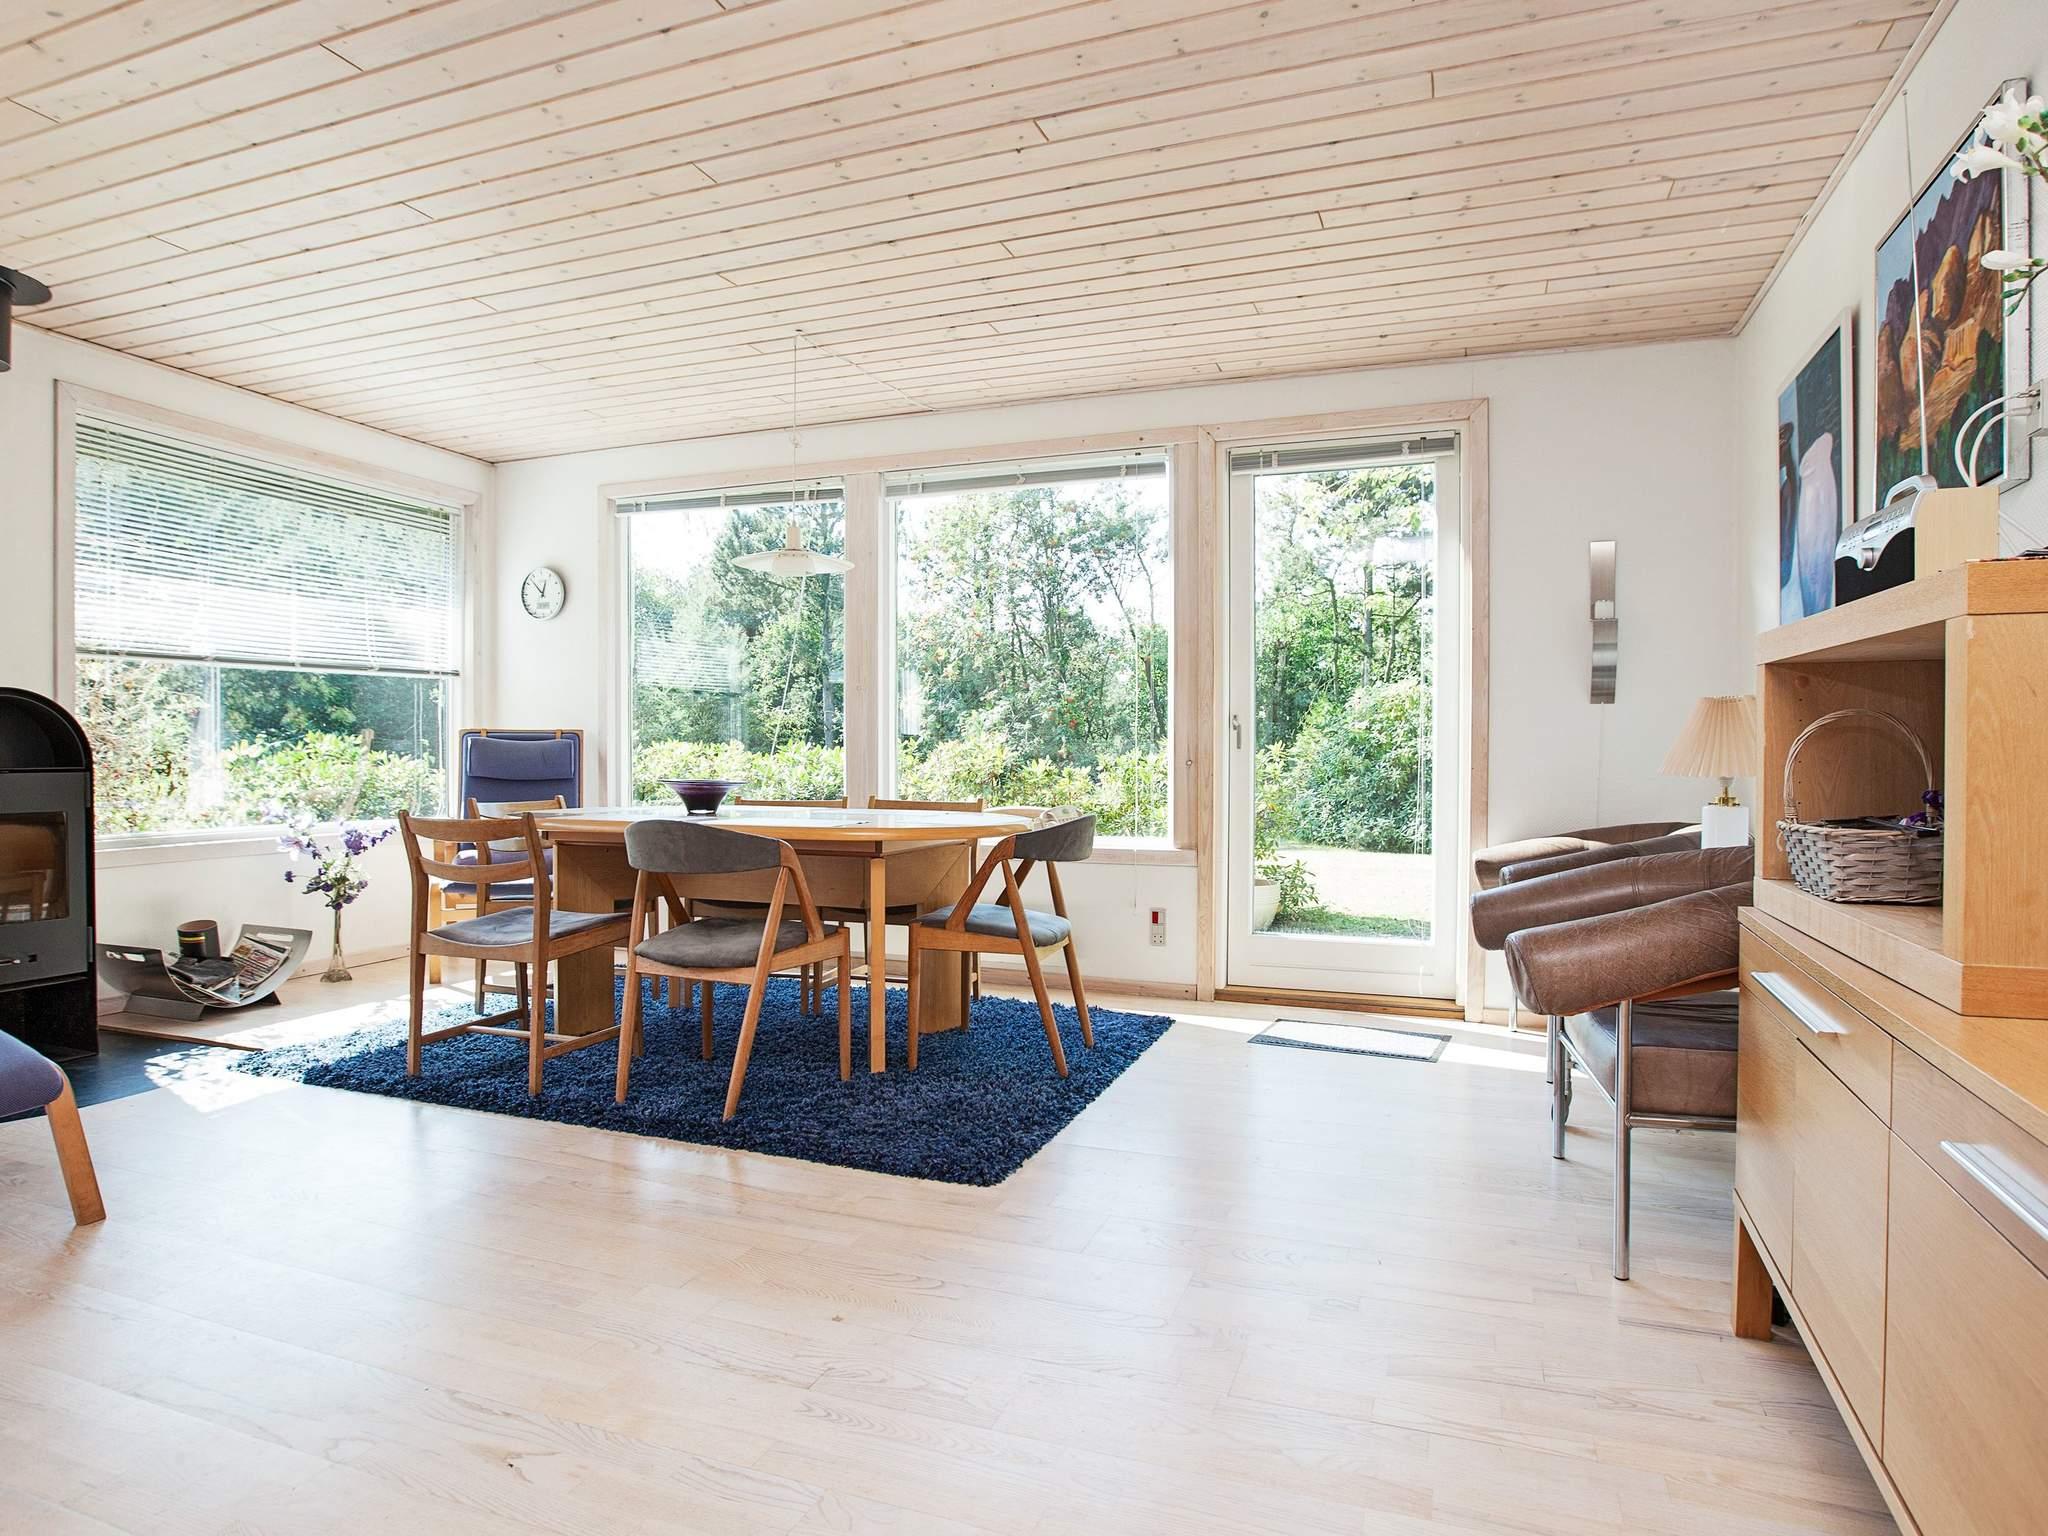 Ferienhaus Marielyst (83778), Marielyst, , Falster, Dänemark, Bild 10